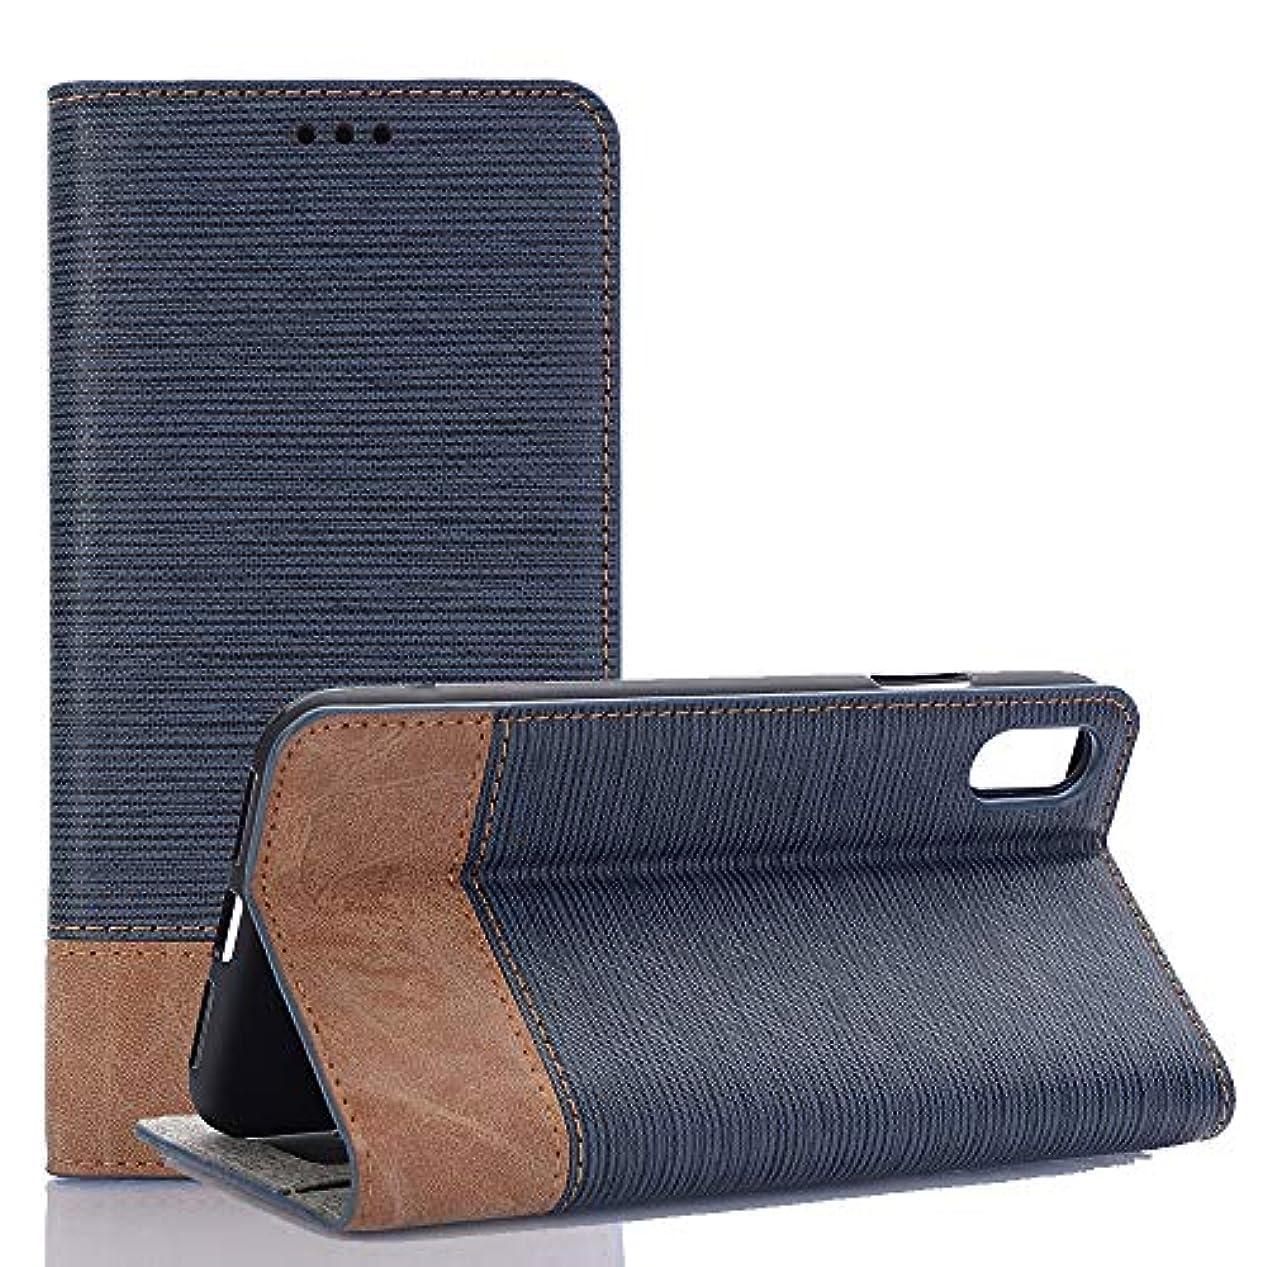 シンクわずかなおとこGalaxy S9 ケース、INorton 本革ケース 全面保護 衝撃吸収 スタンド機能 カード収納 手帳型 スマートケース Galaxy S9対応